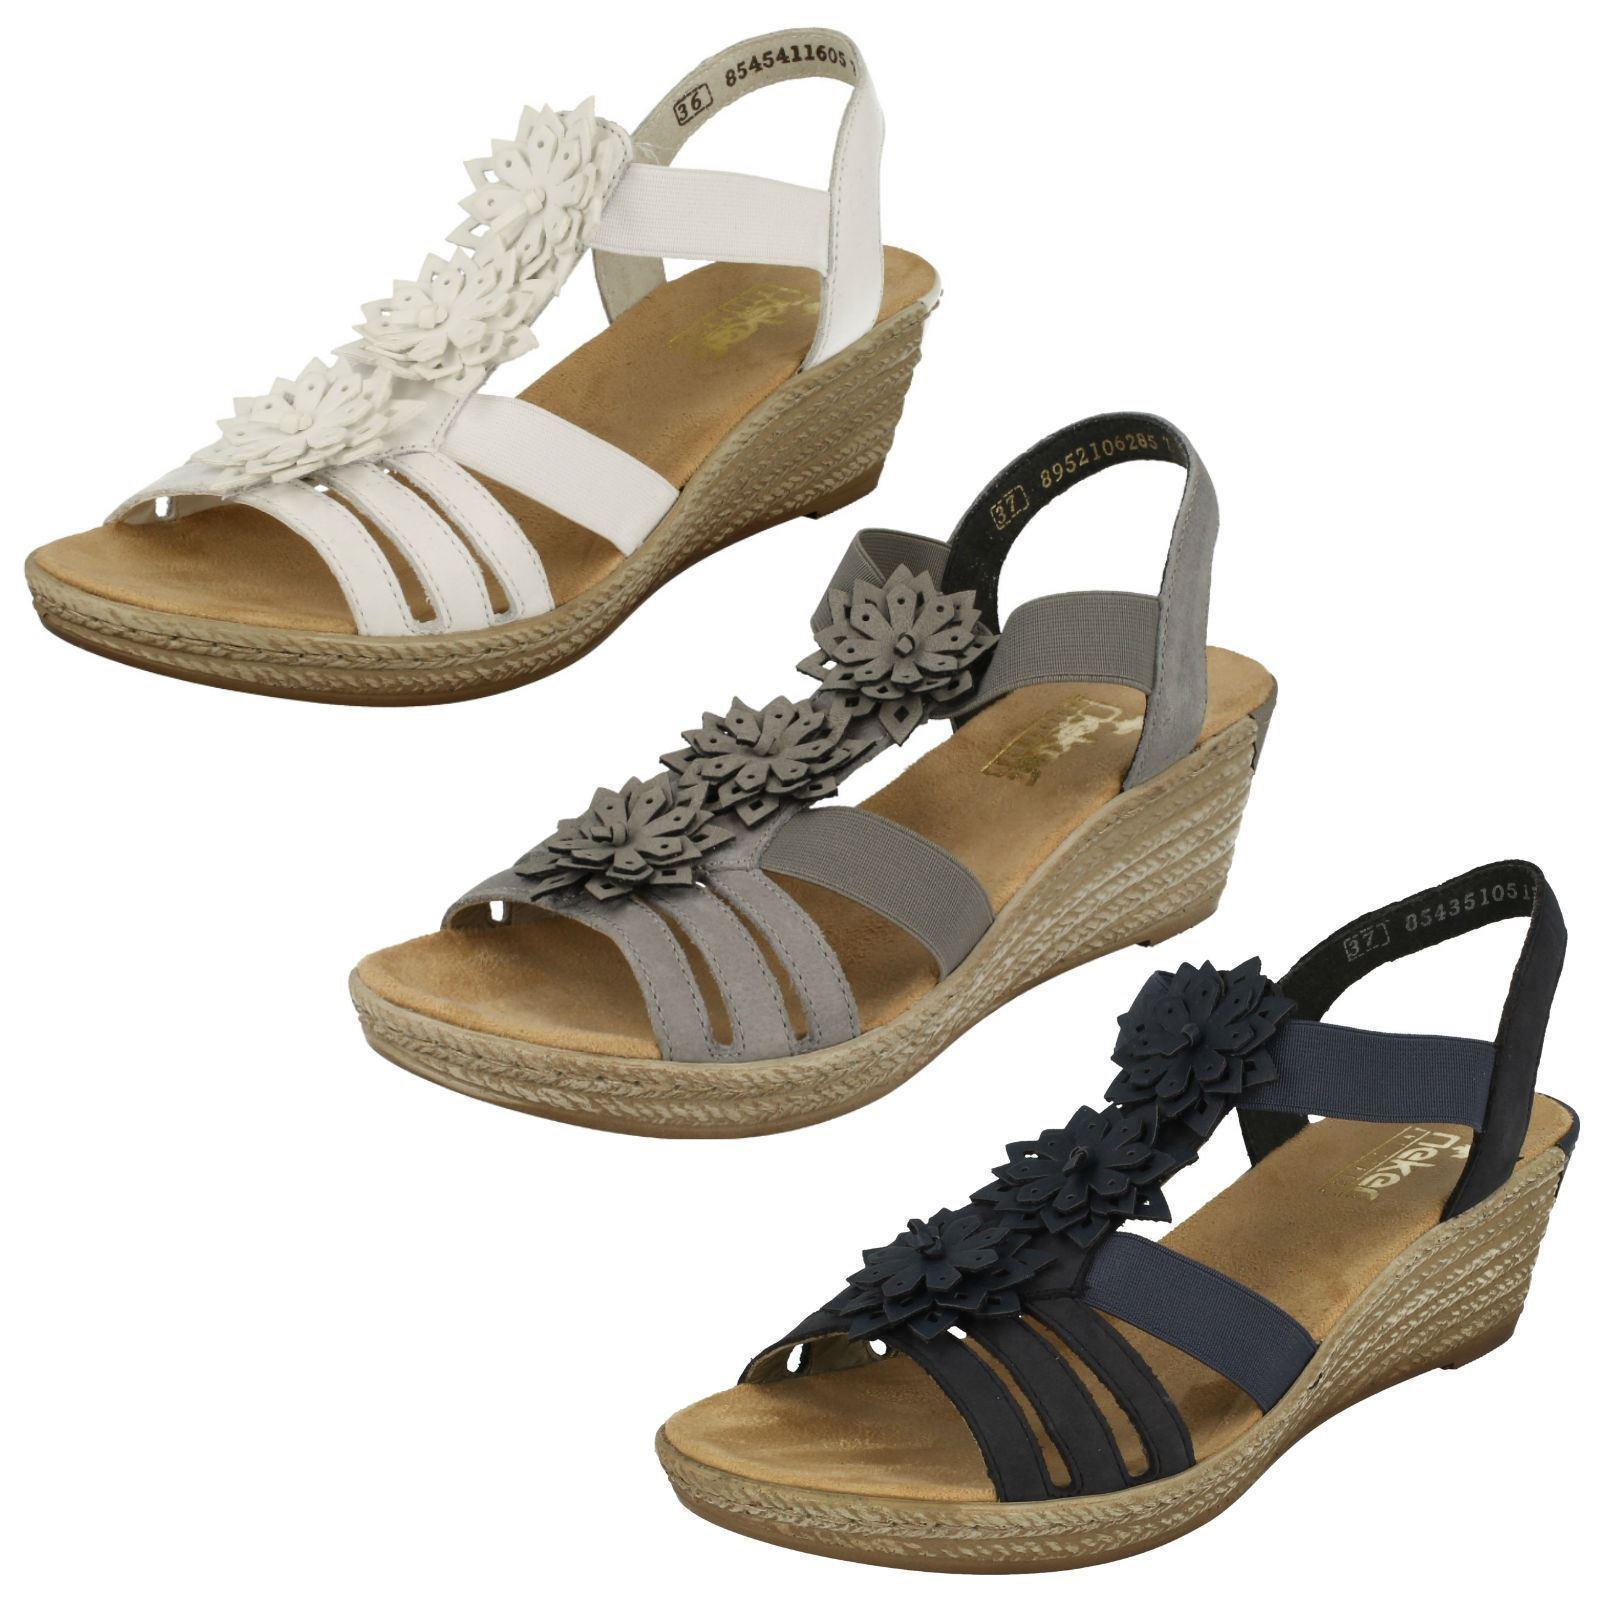 Damen Rieker Rieker Rieker 62461 grau oder weiß Leder Keilabsatz Sandalen  | Outlet Store  6feabc